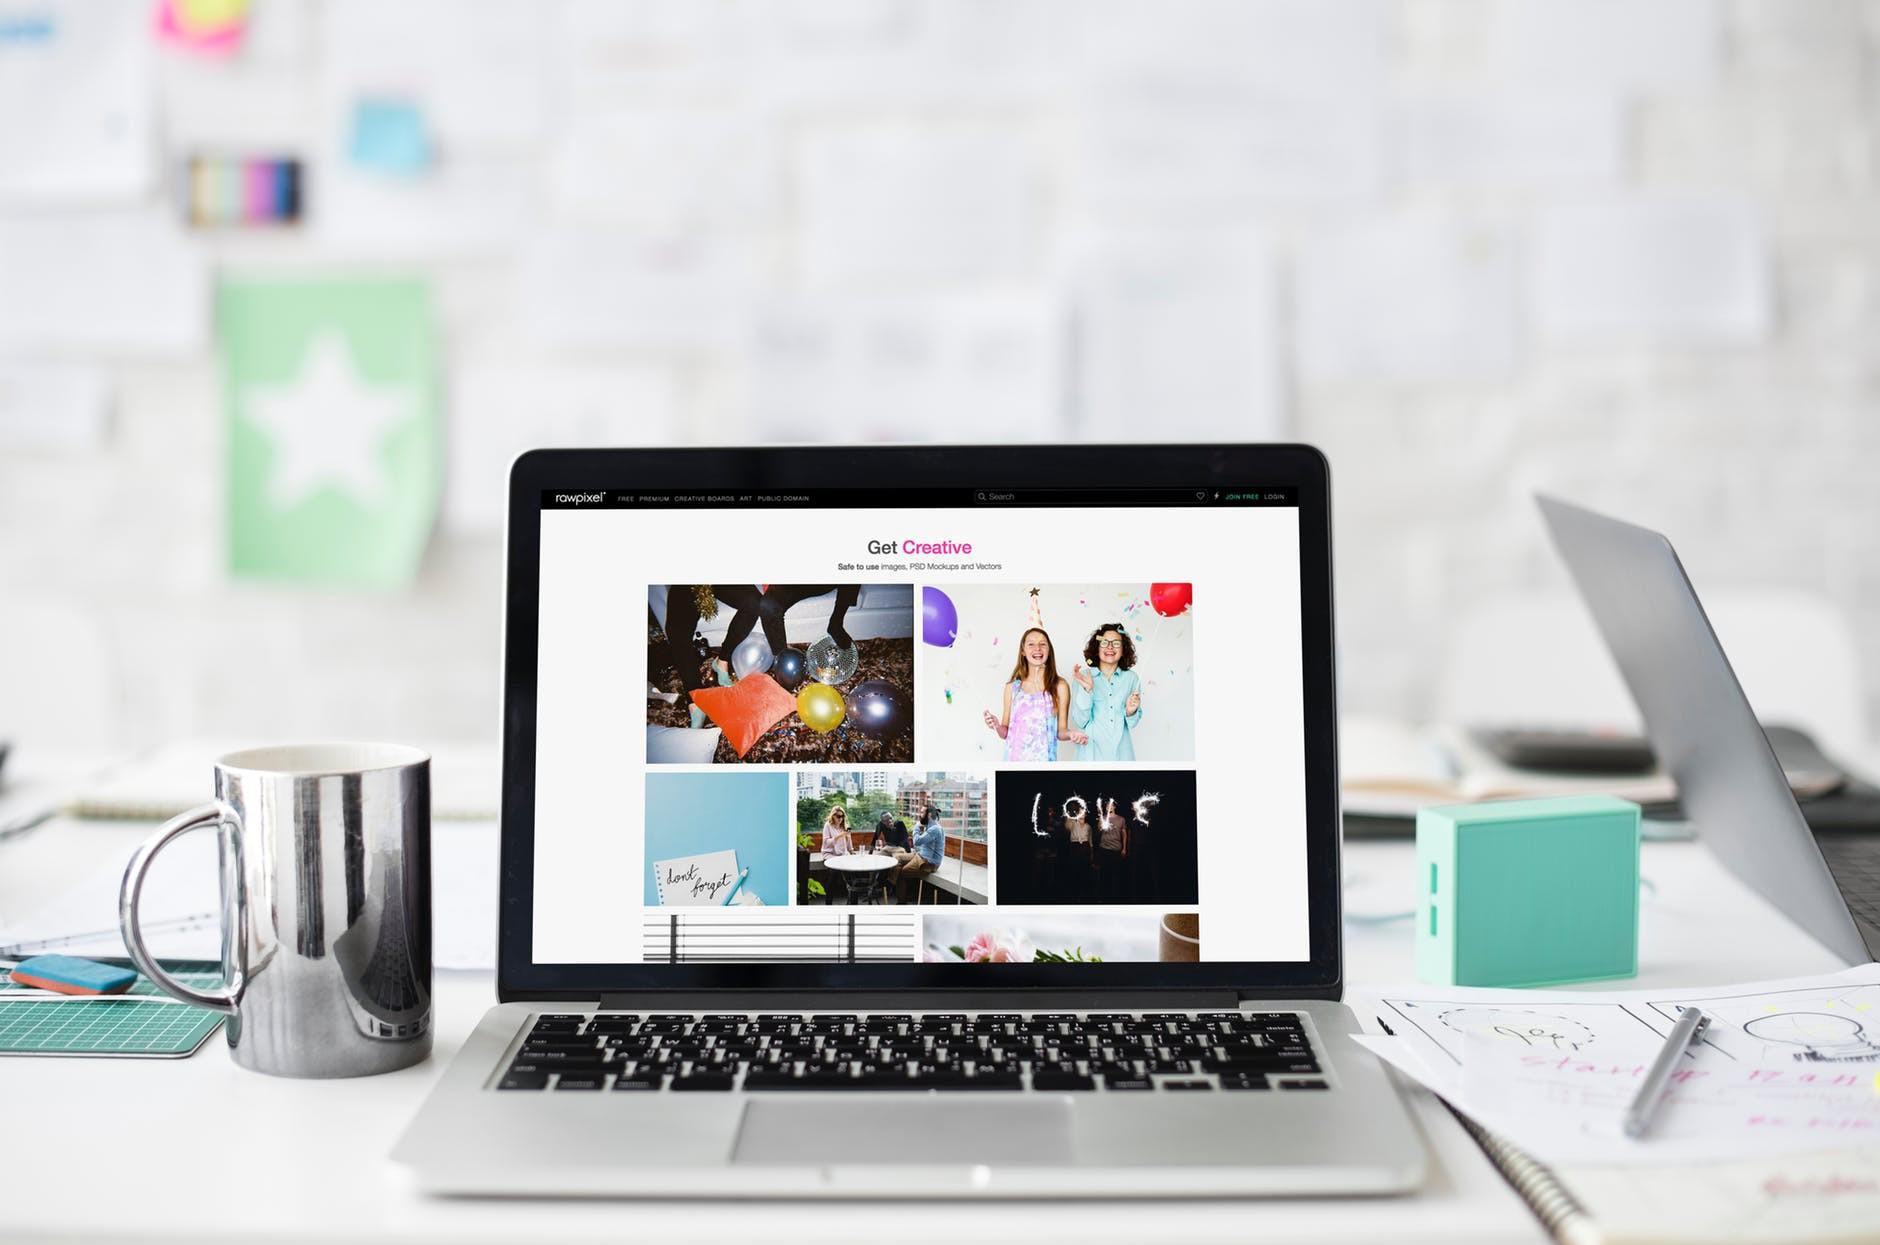 Kriteria Desain Website Yang Baik dan Efisien